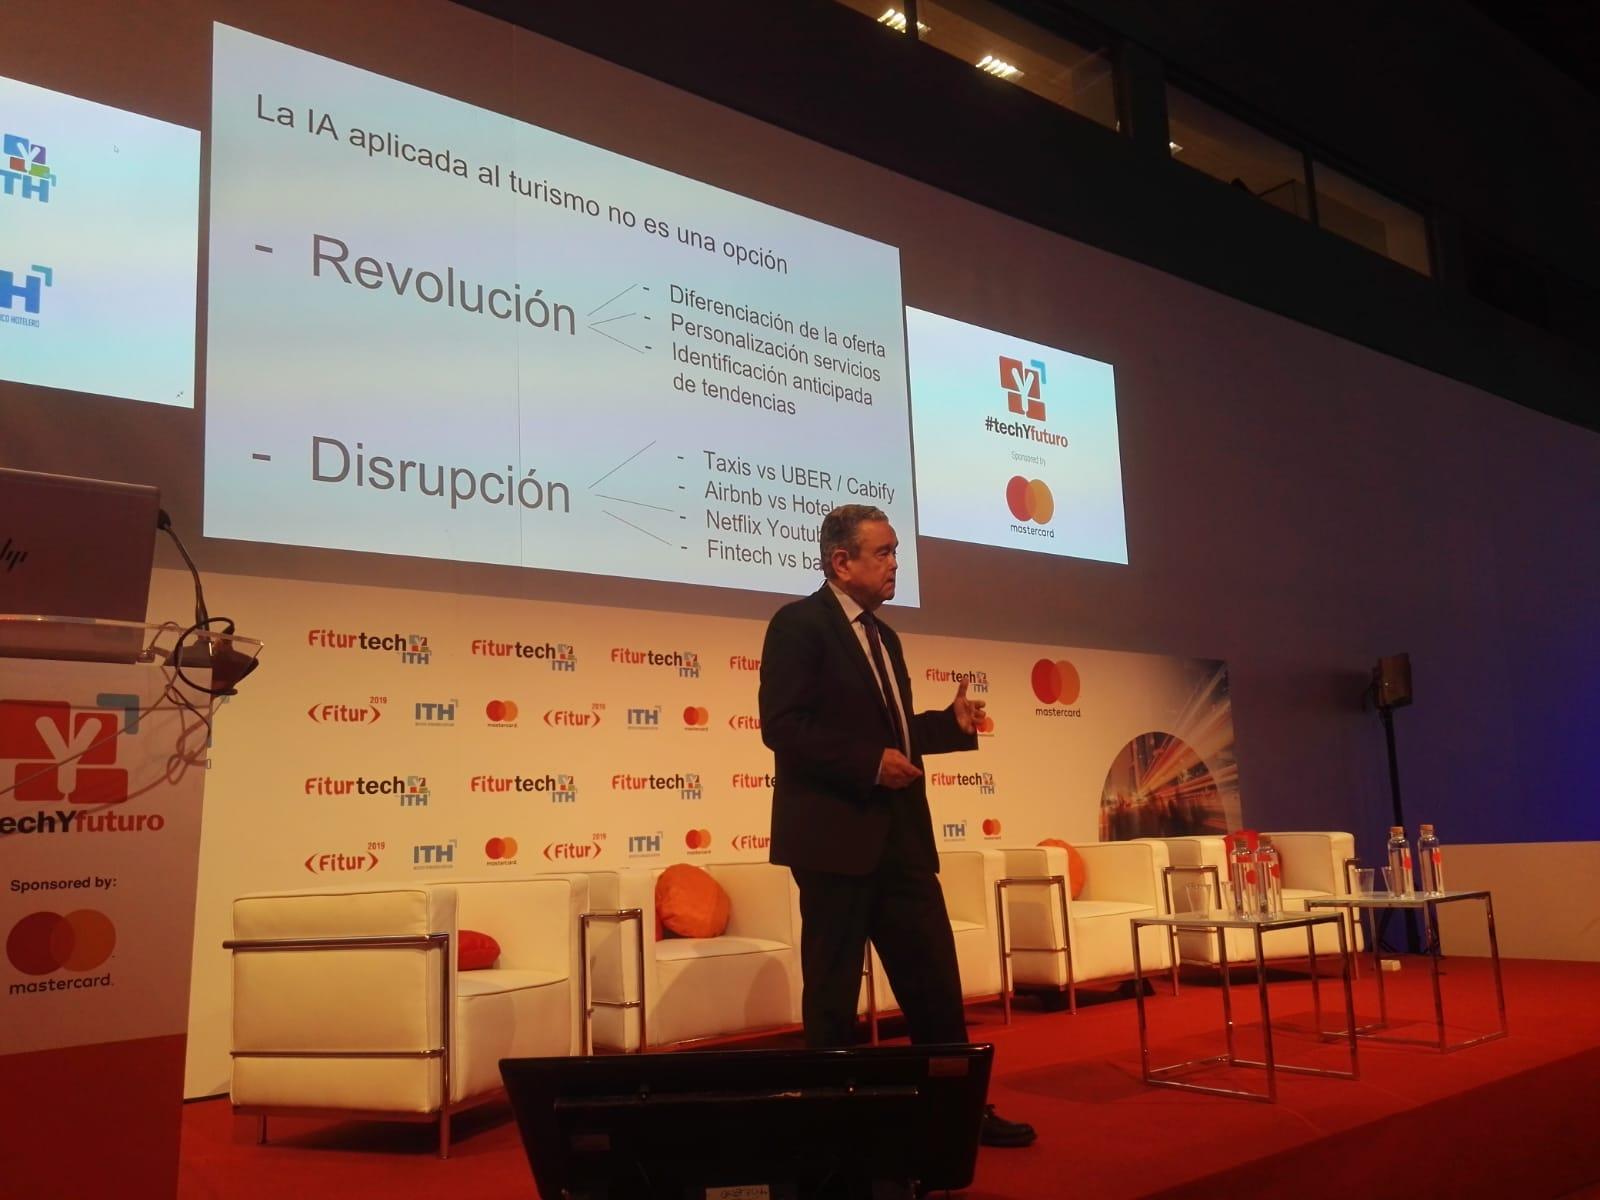 Turismo e Inteligencia Artificial:  revolución vs. disrupción. FITURTECH 2019